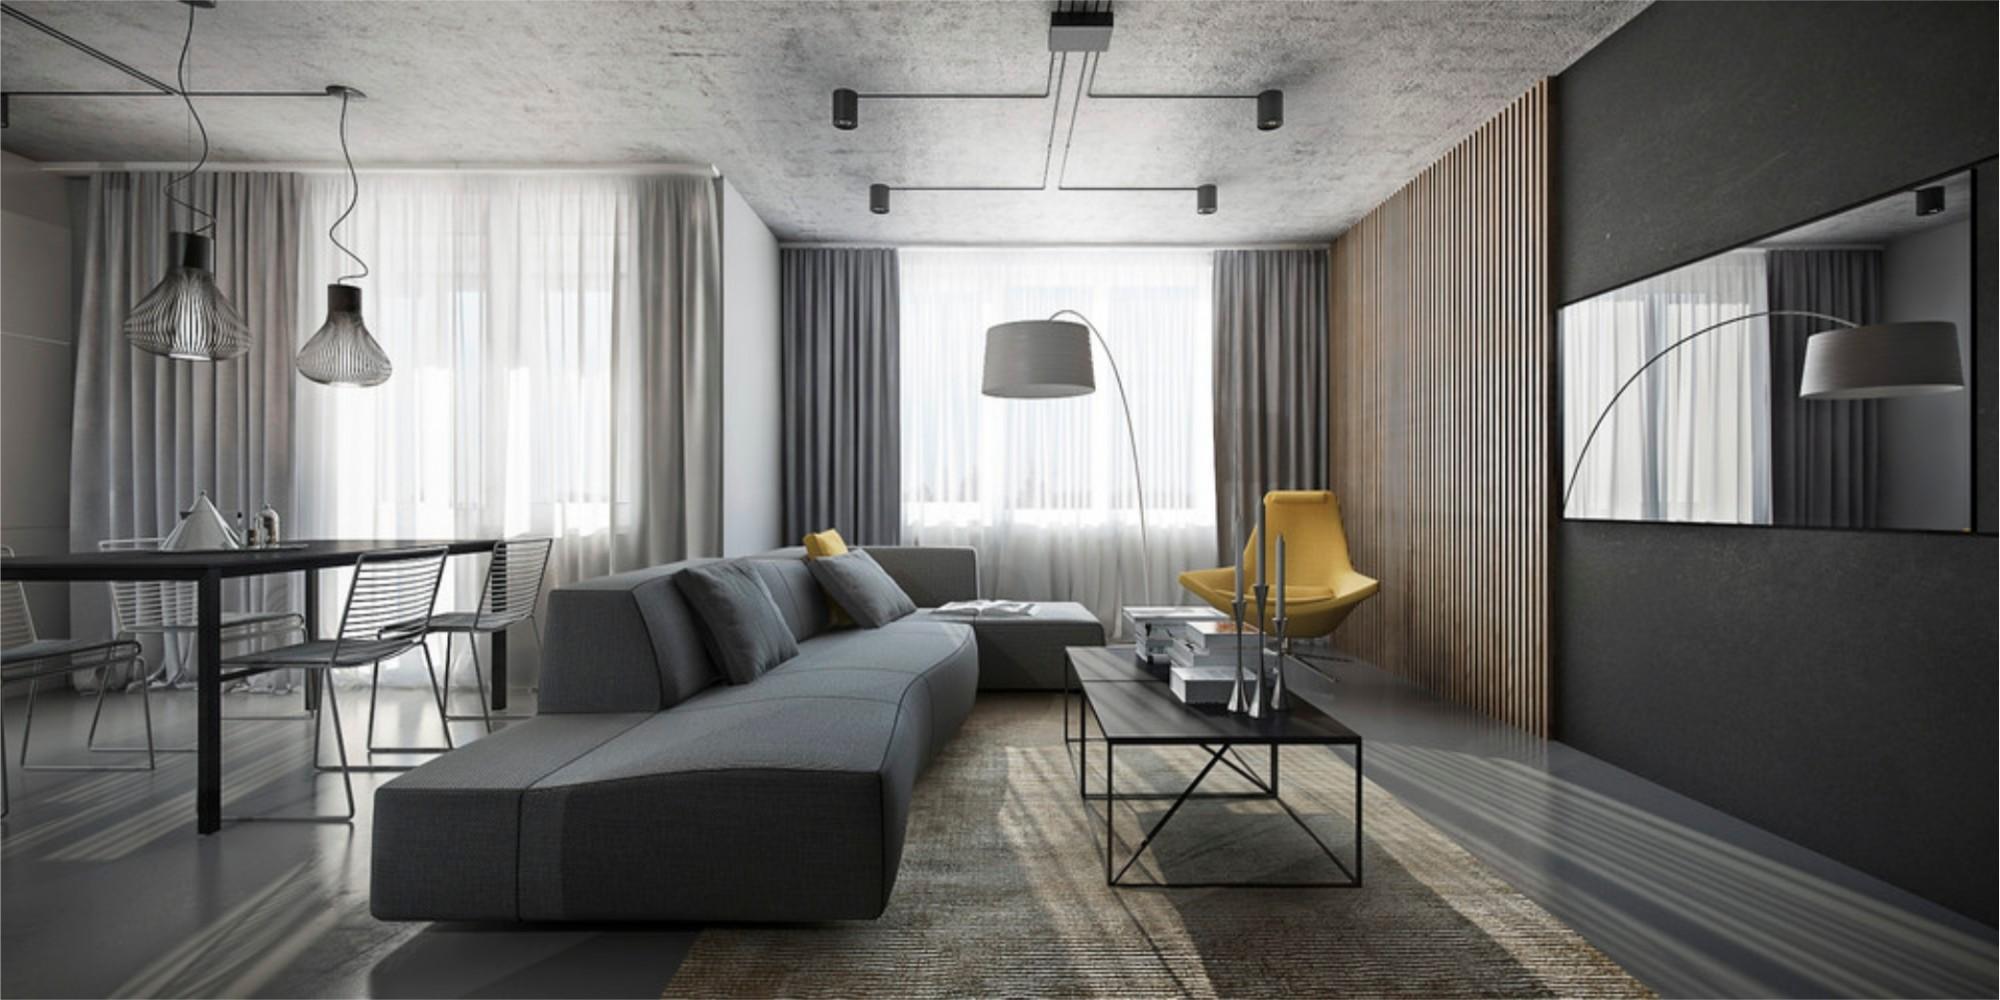 Элитный дизайн в интерьере квартиры и дома